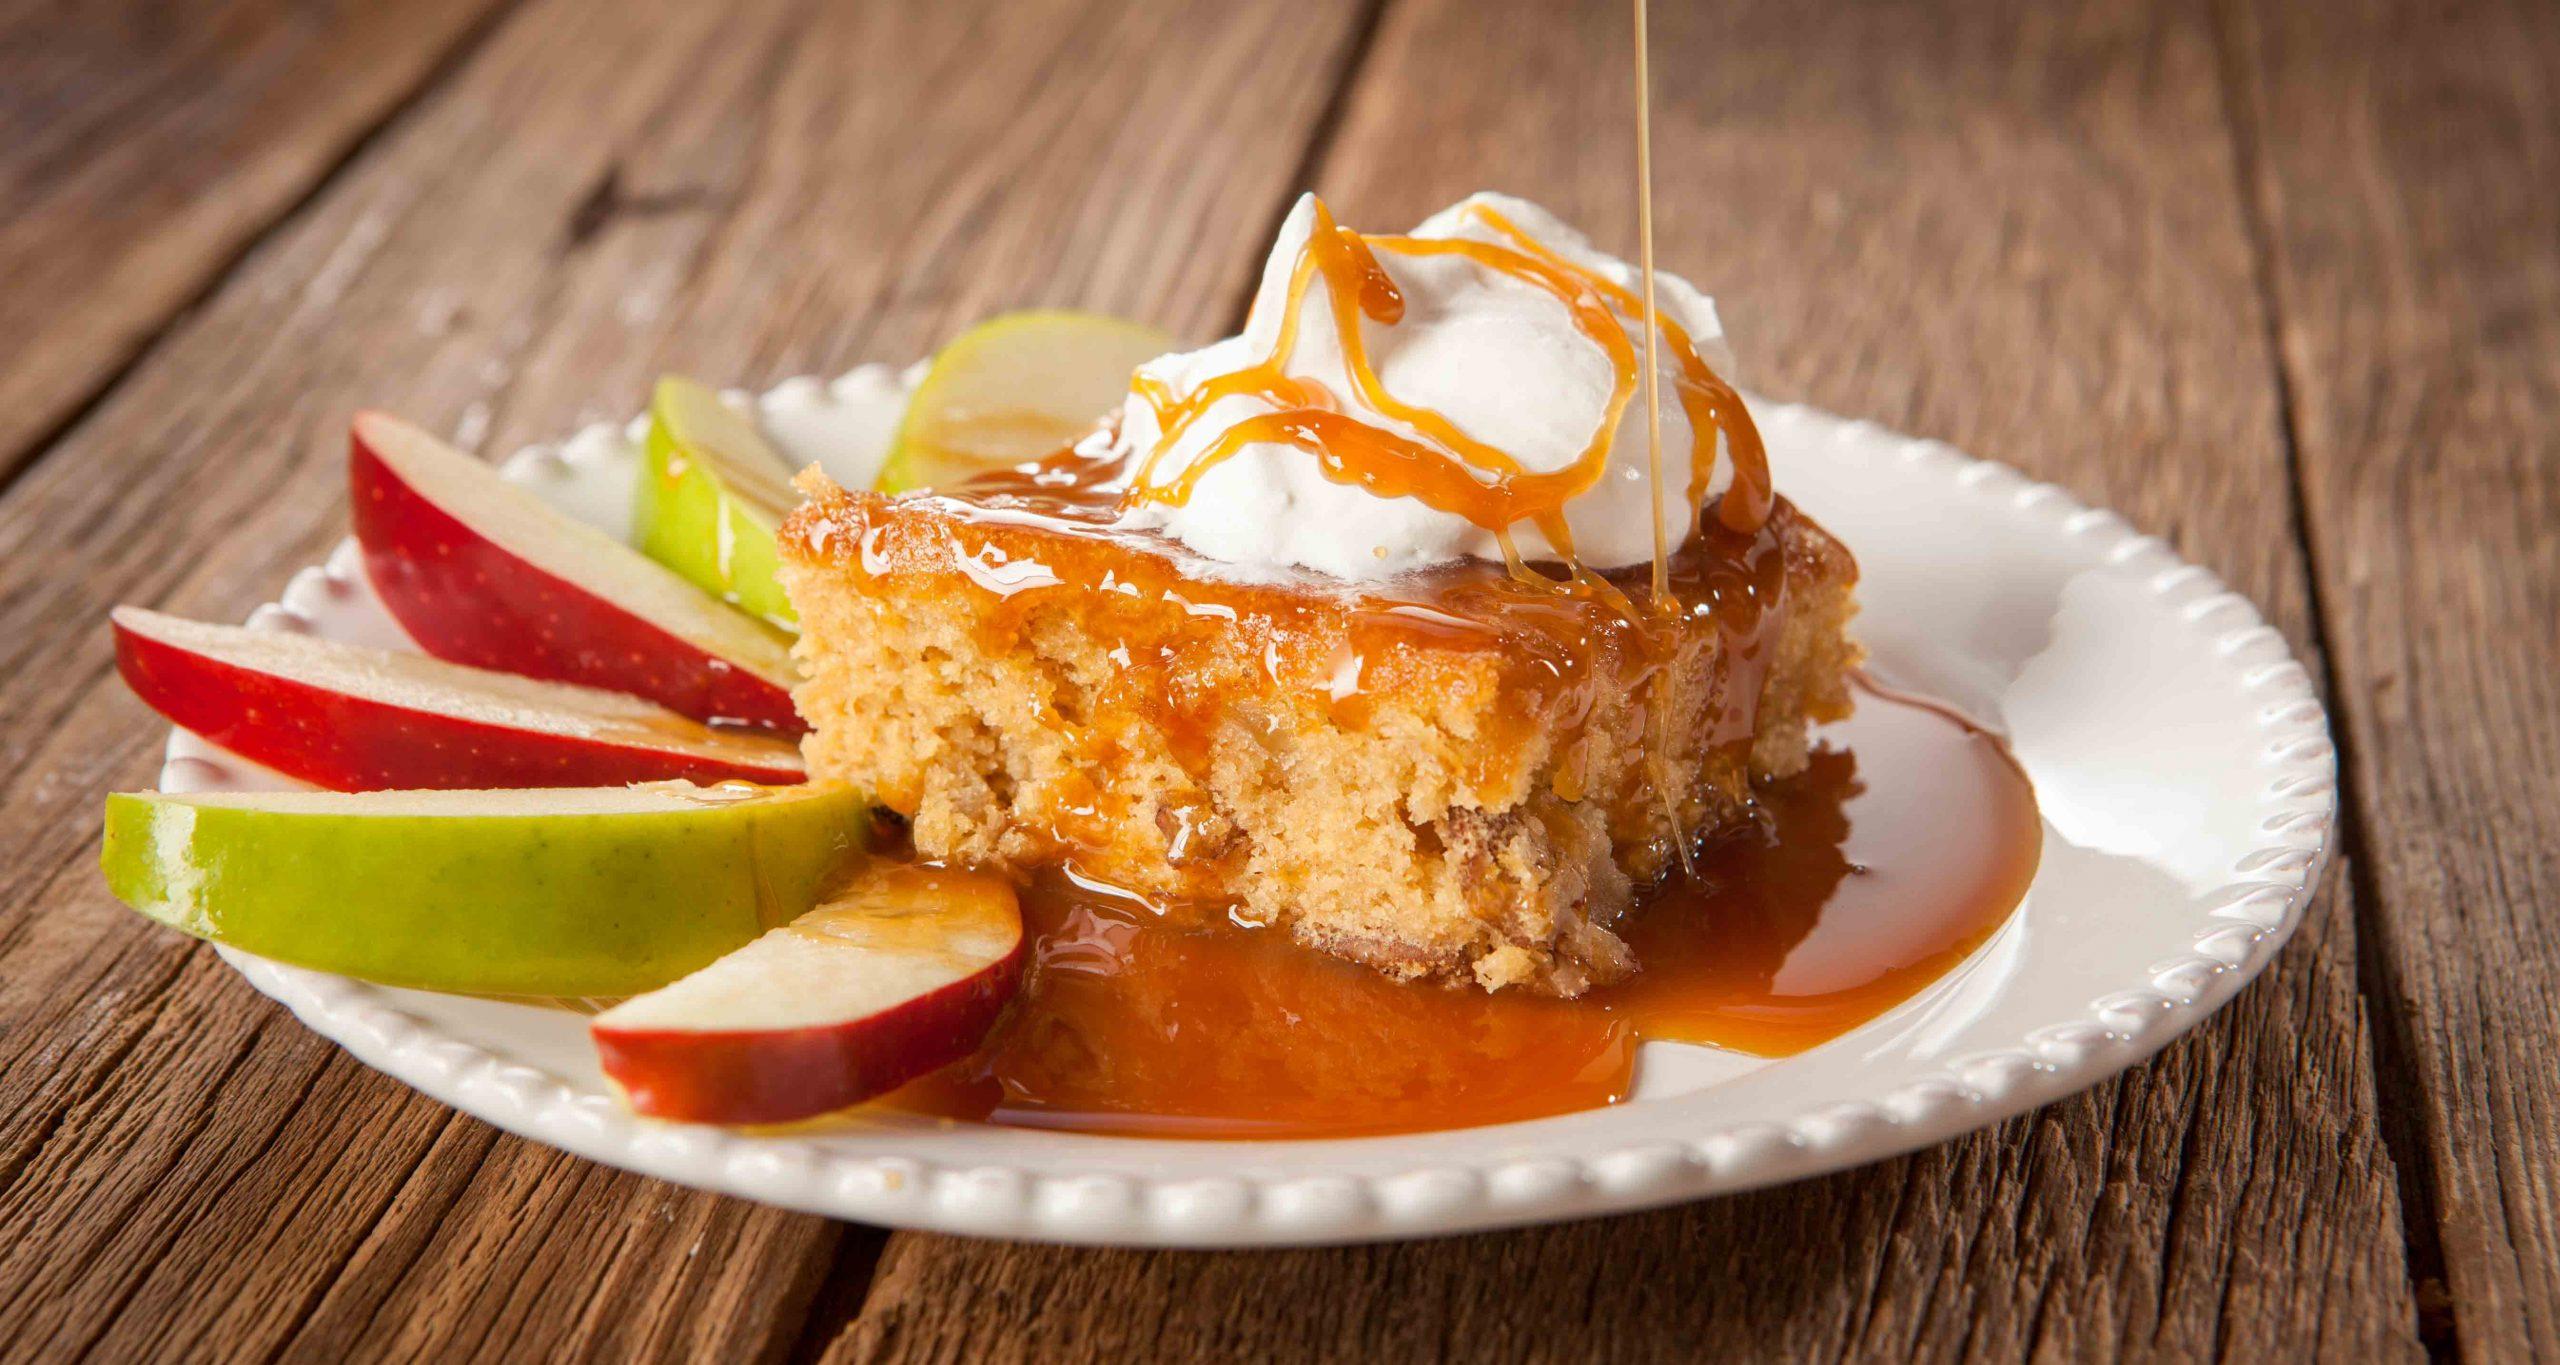 Gooey caramel apple cake for fall